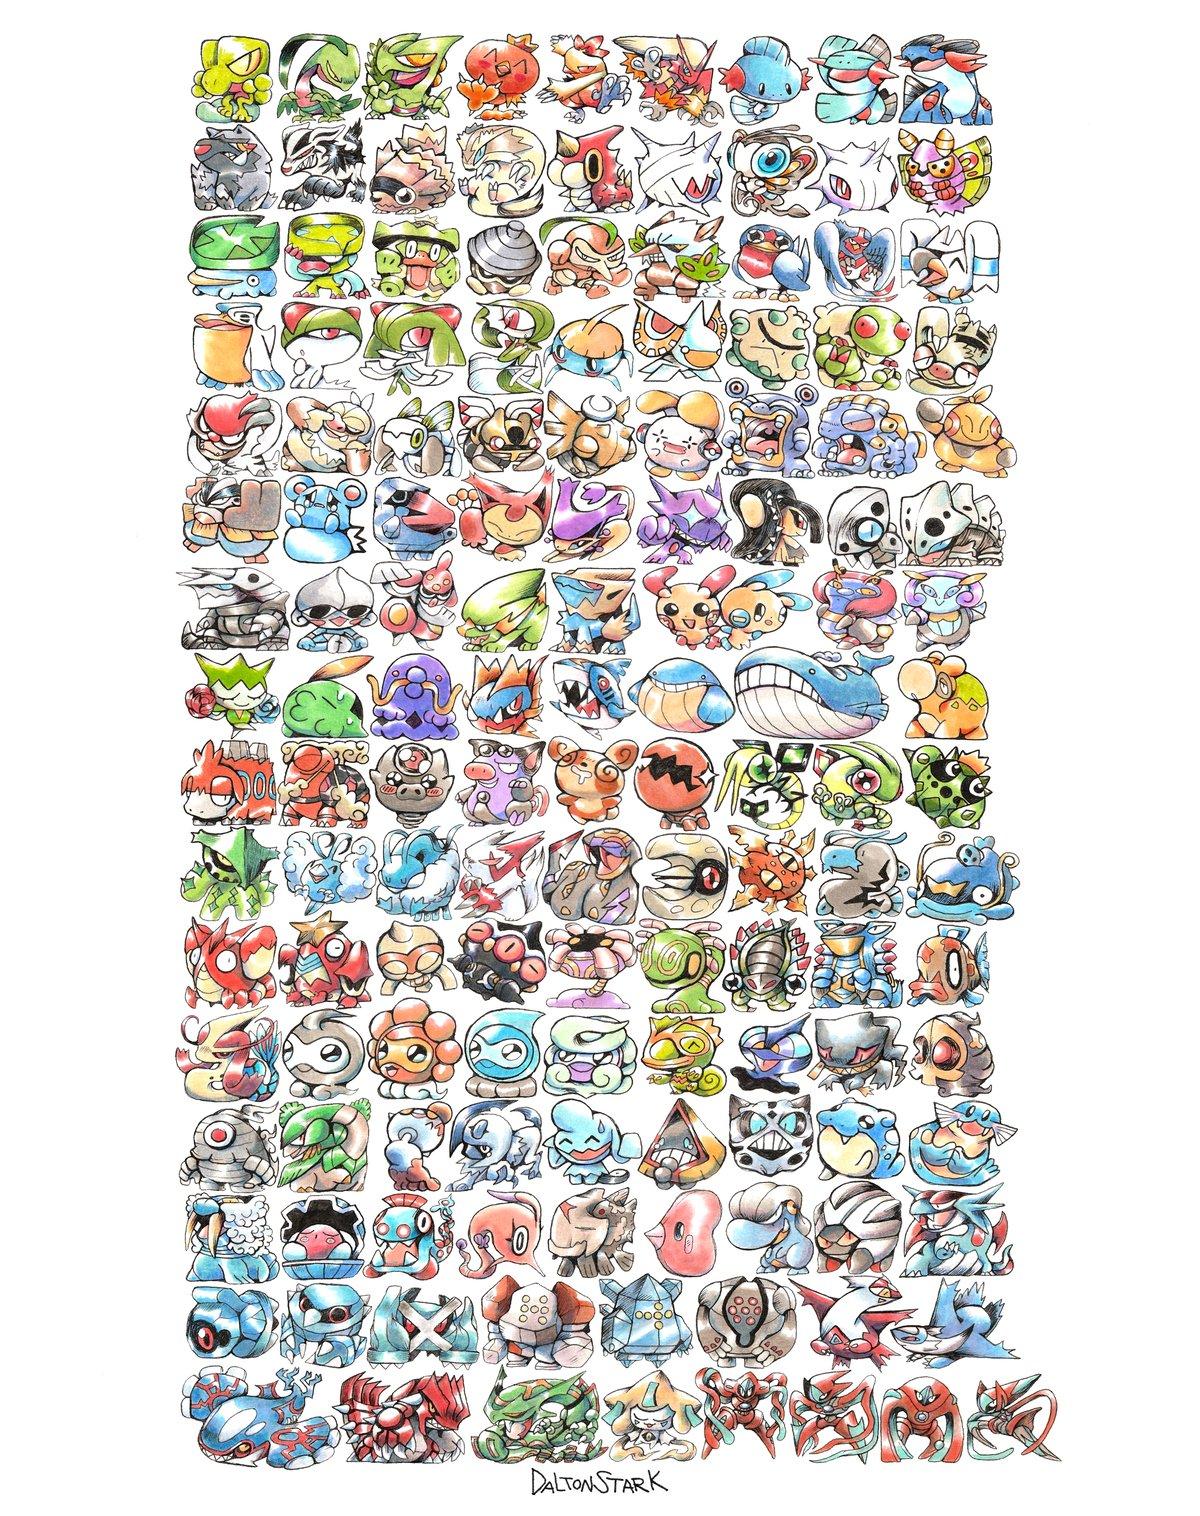 Image of GEN 3 Pokemon Poster